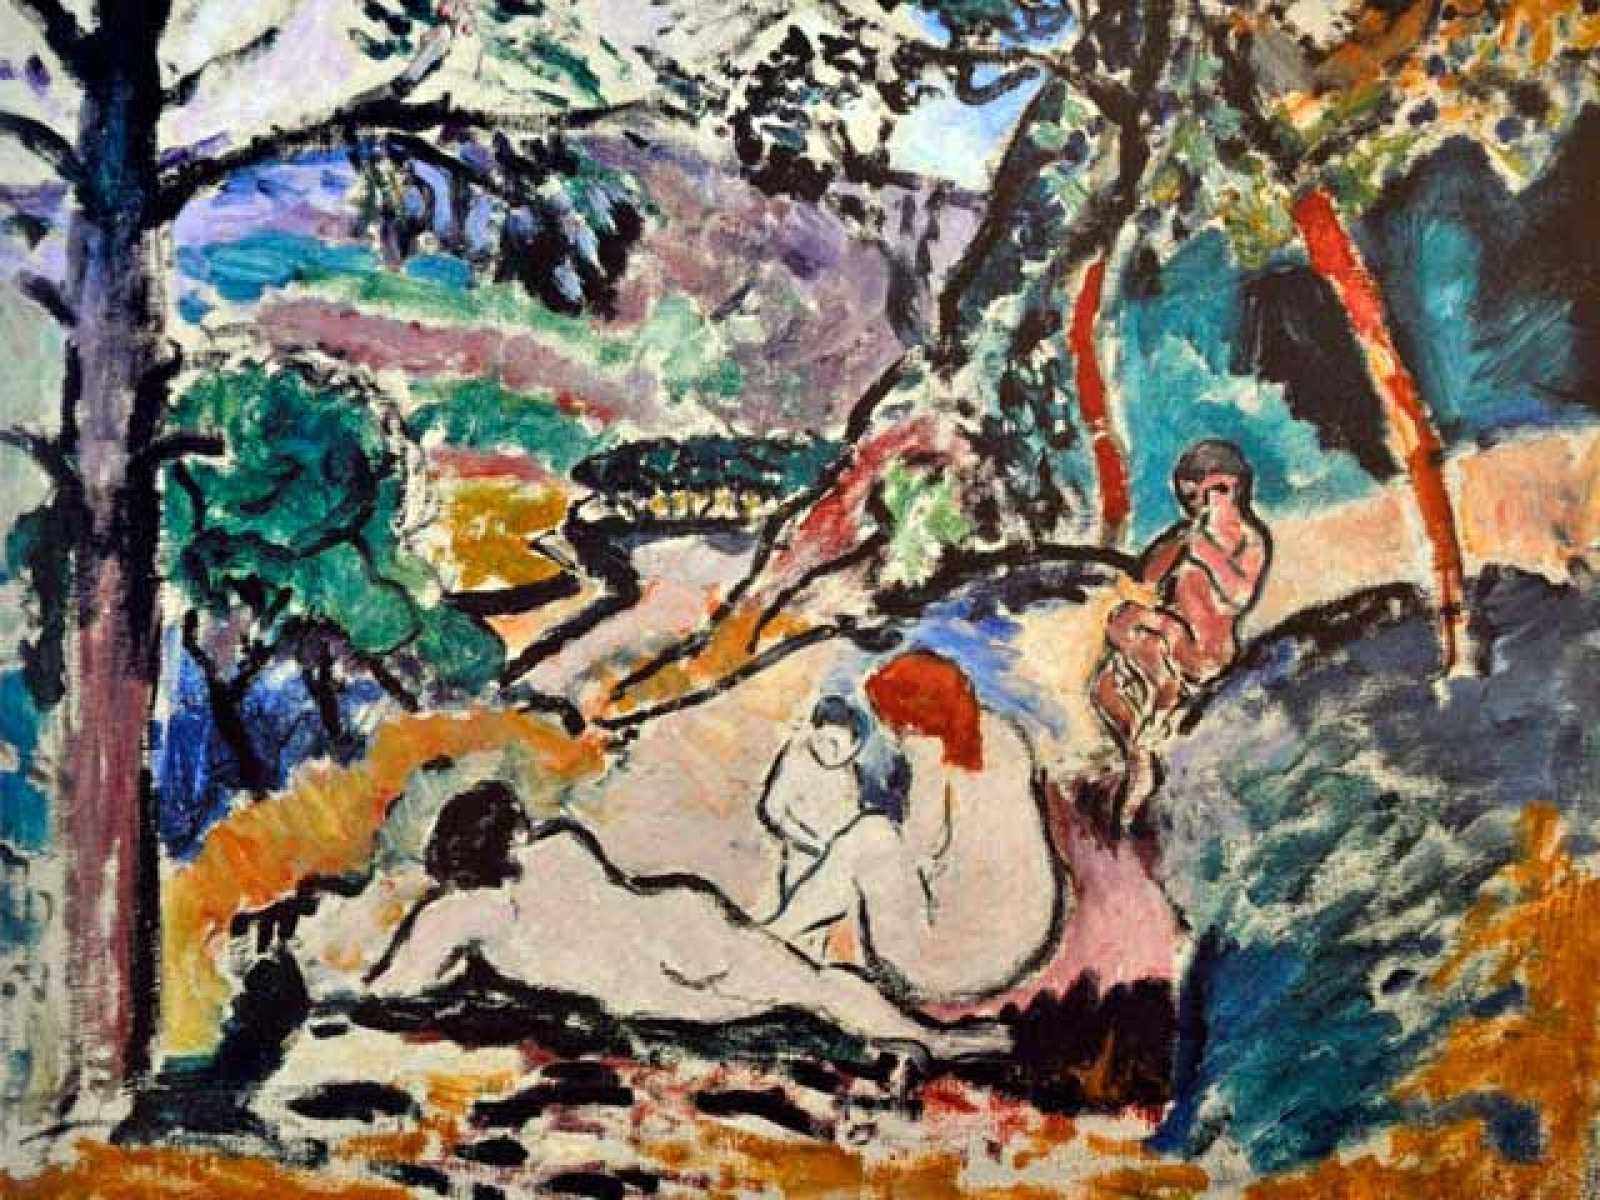 Roban cinco cuadros del Museo de Arte Moderno de París - RTVE.es